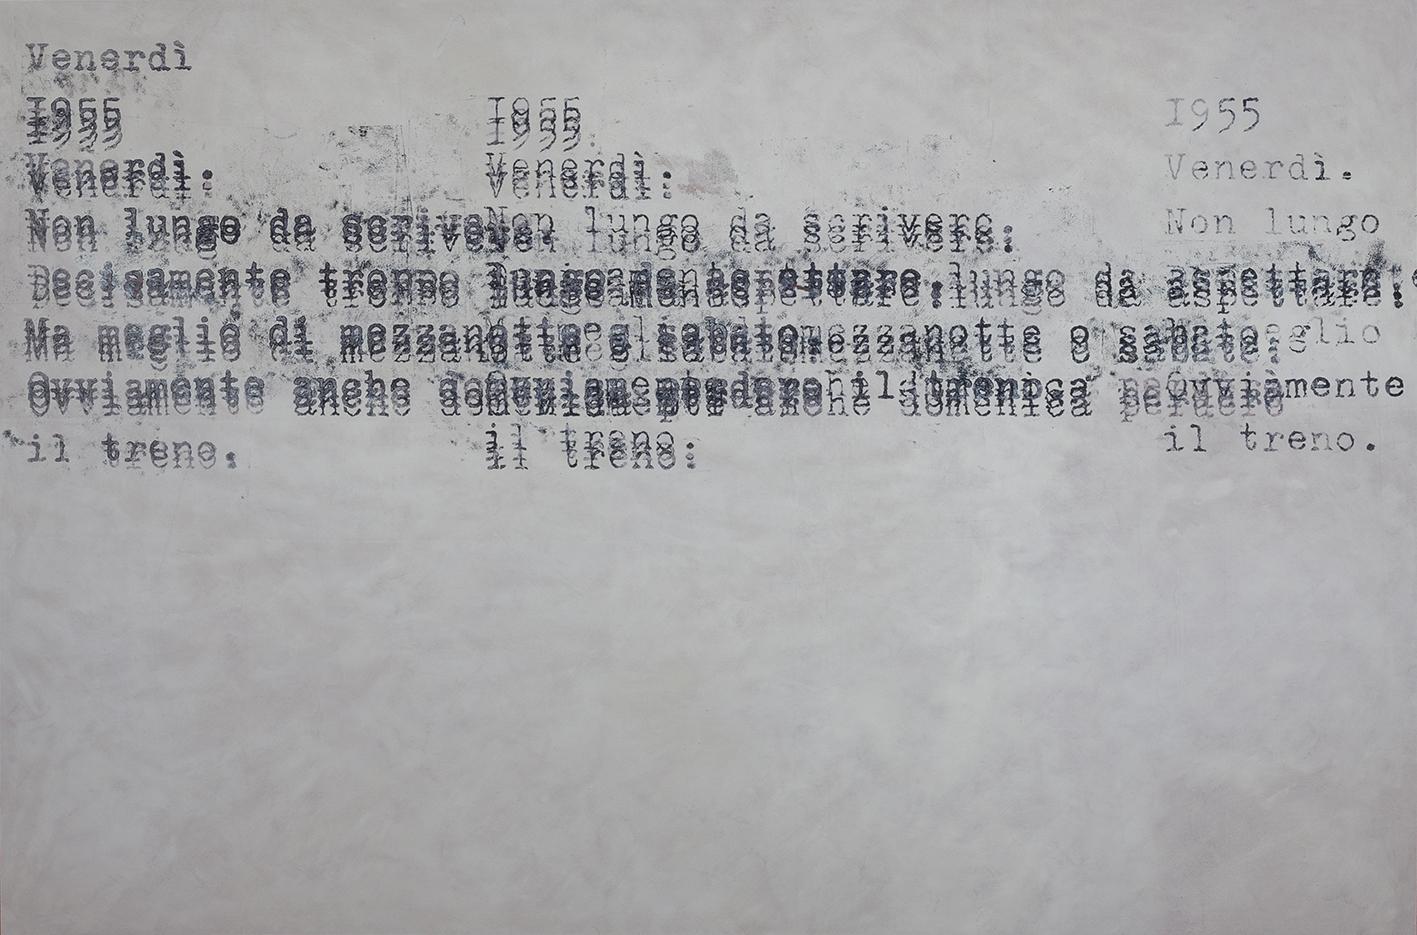 Patrizia Novello, Troppo lungo da aspettare, 2017, olio su tela, cm. 100x150, foto Francesca Iovene